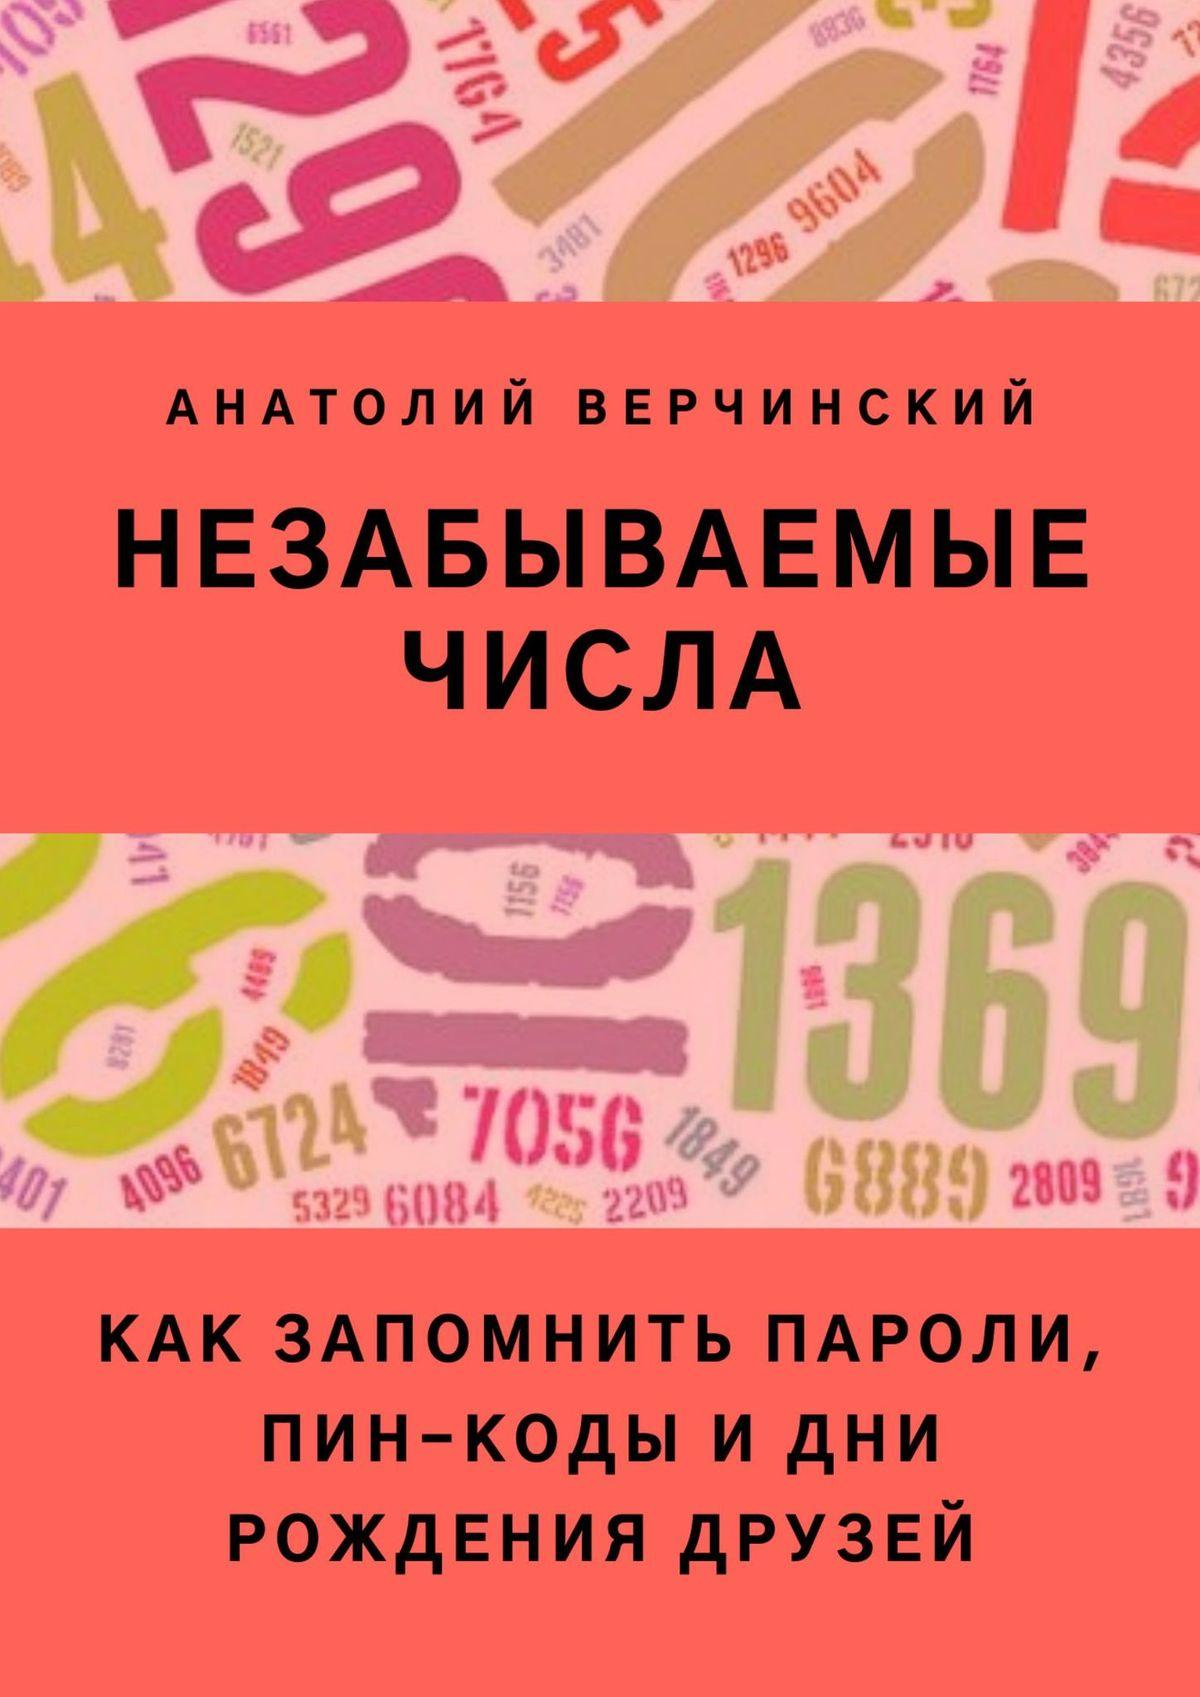 Анатолий Верчинский Незабываемые числа. Как запомнить пароль, пин-код и день рождения любимой бабушки анатолий верчинский моя война с